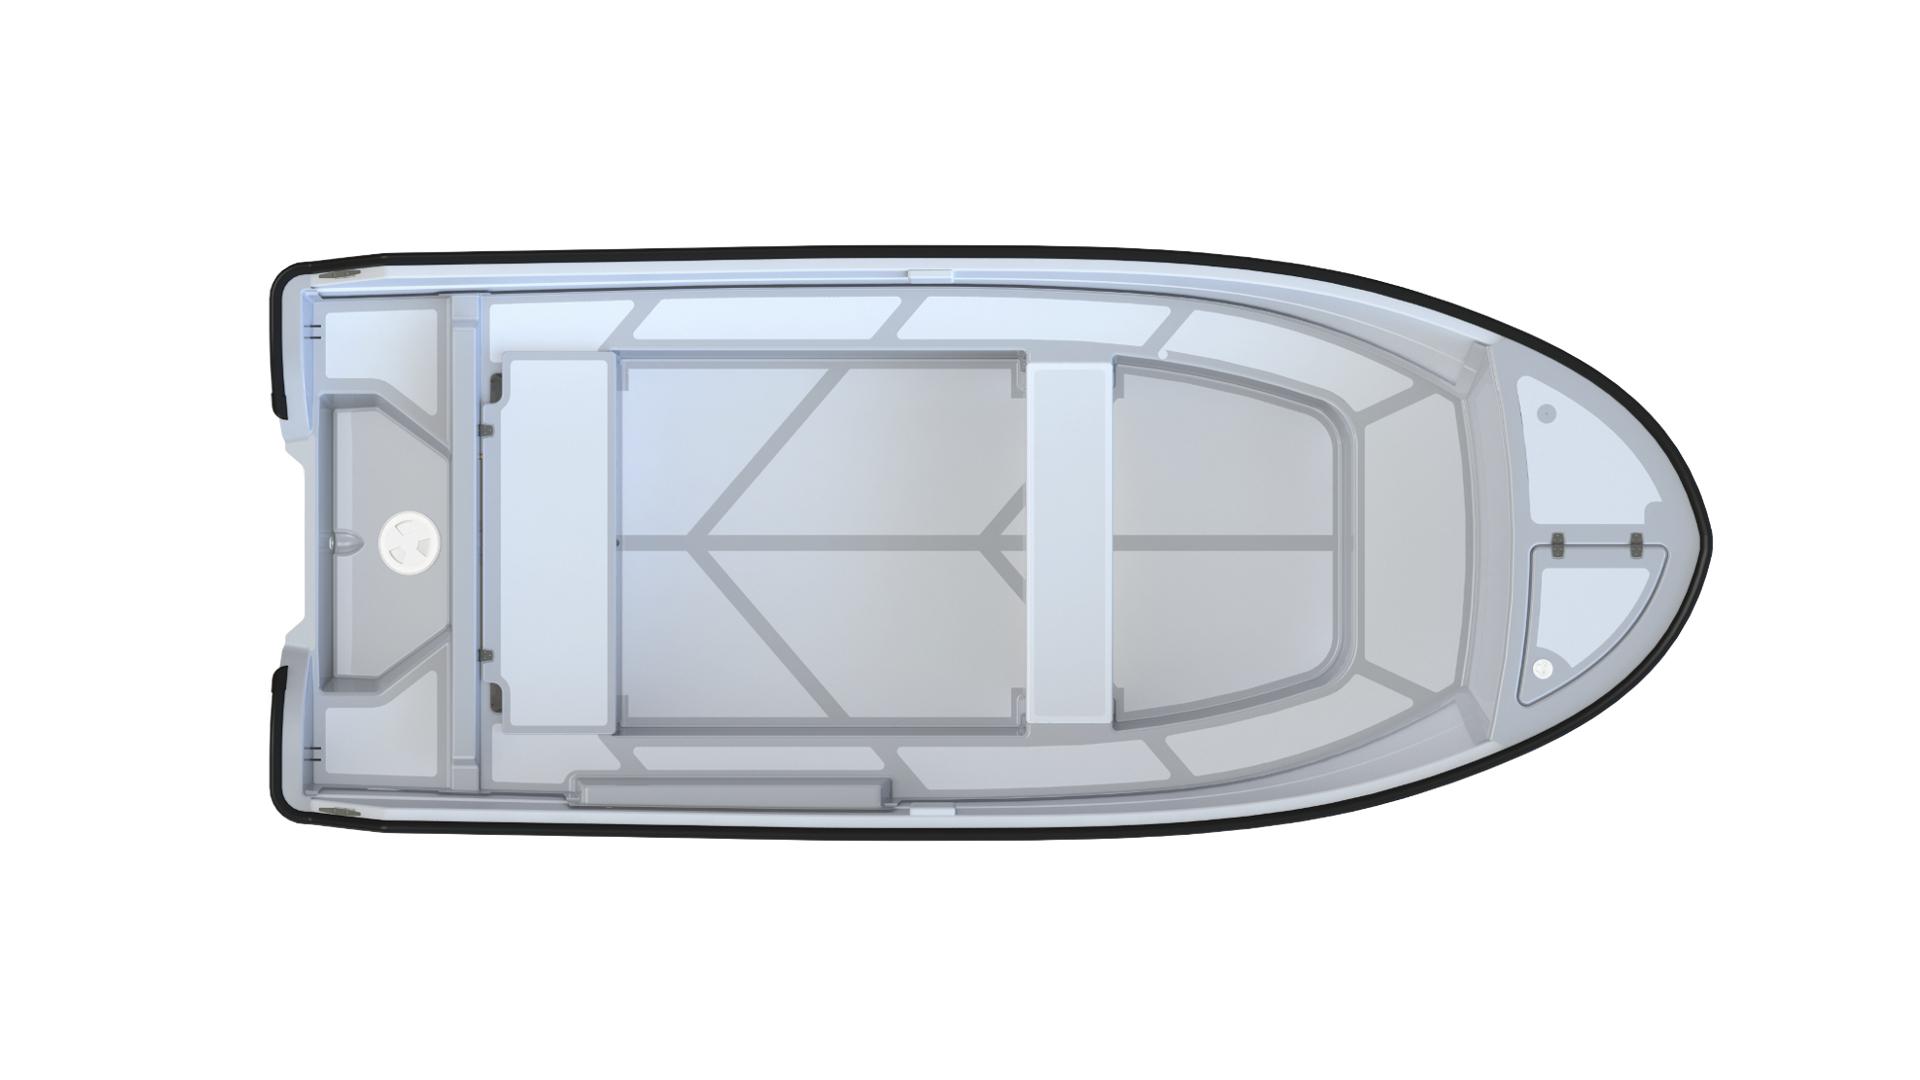 Стеклопластиковая моторная лодка GRAND Nautilus N440, GRAND N440, GRAND Nautilus, GRAND Nautilus N440, Стеклопластиковая моторная лодка GRAND, Моторная лодка GRAND, Стеклопластиковая лодка GRAND, Лодка для рыбалки, Лодка для большой компании